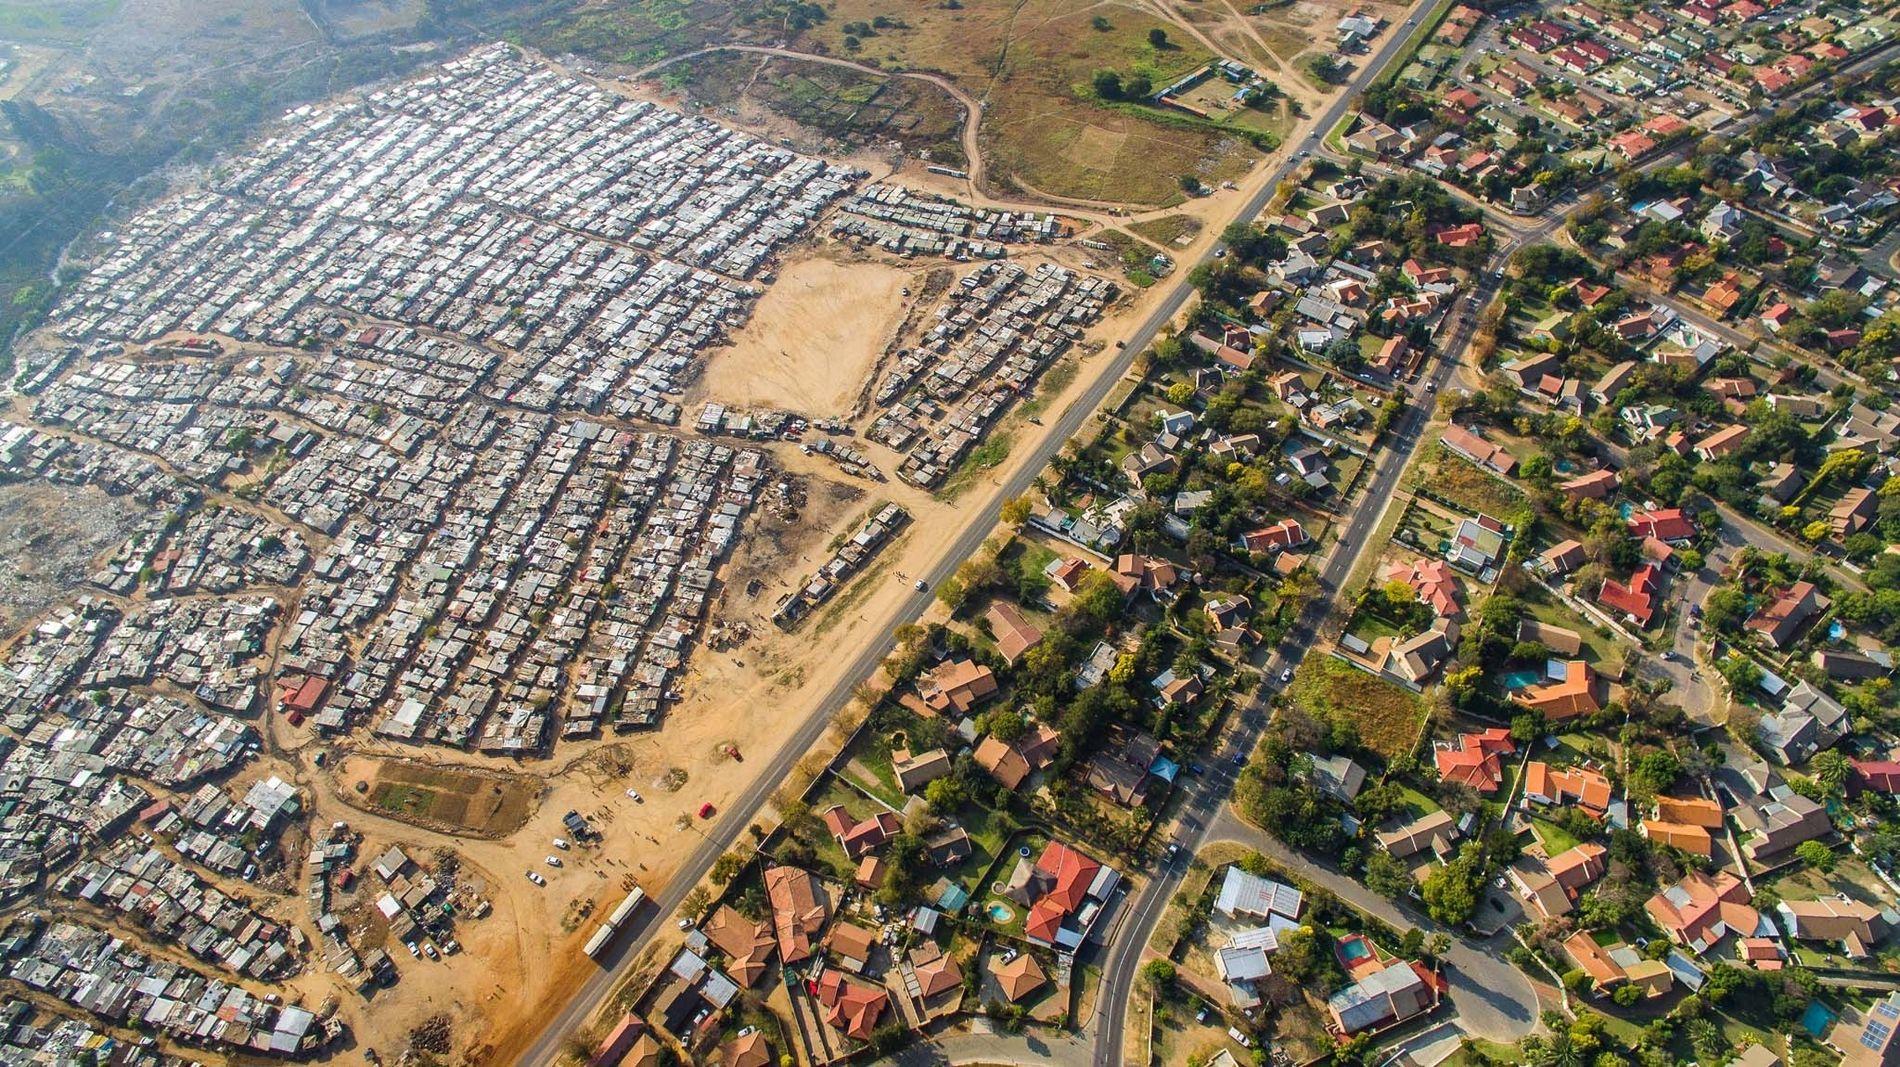 In Boubosrand, einem Vorwort im Nordwesten von Johannesburg in Südafrika, grenzt ein Viertel mit strahlend blauen Swimmingpools und grünen Rasenflächen an einen Slum voller Wellblechhütten.